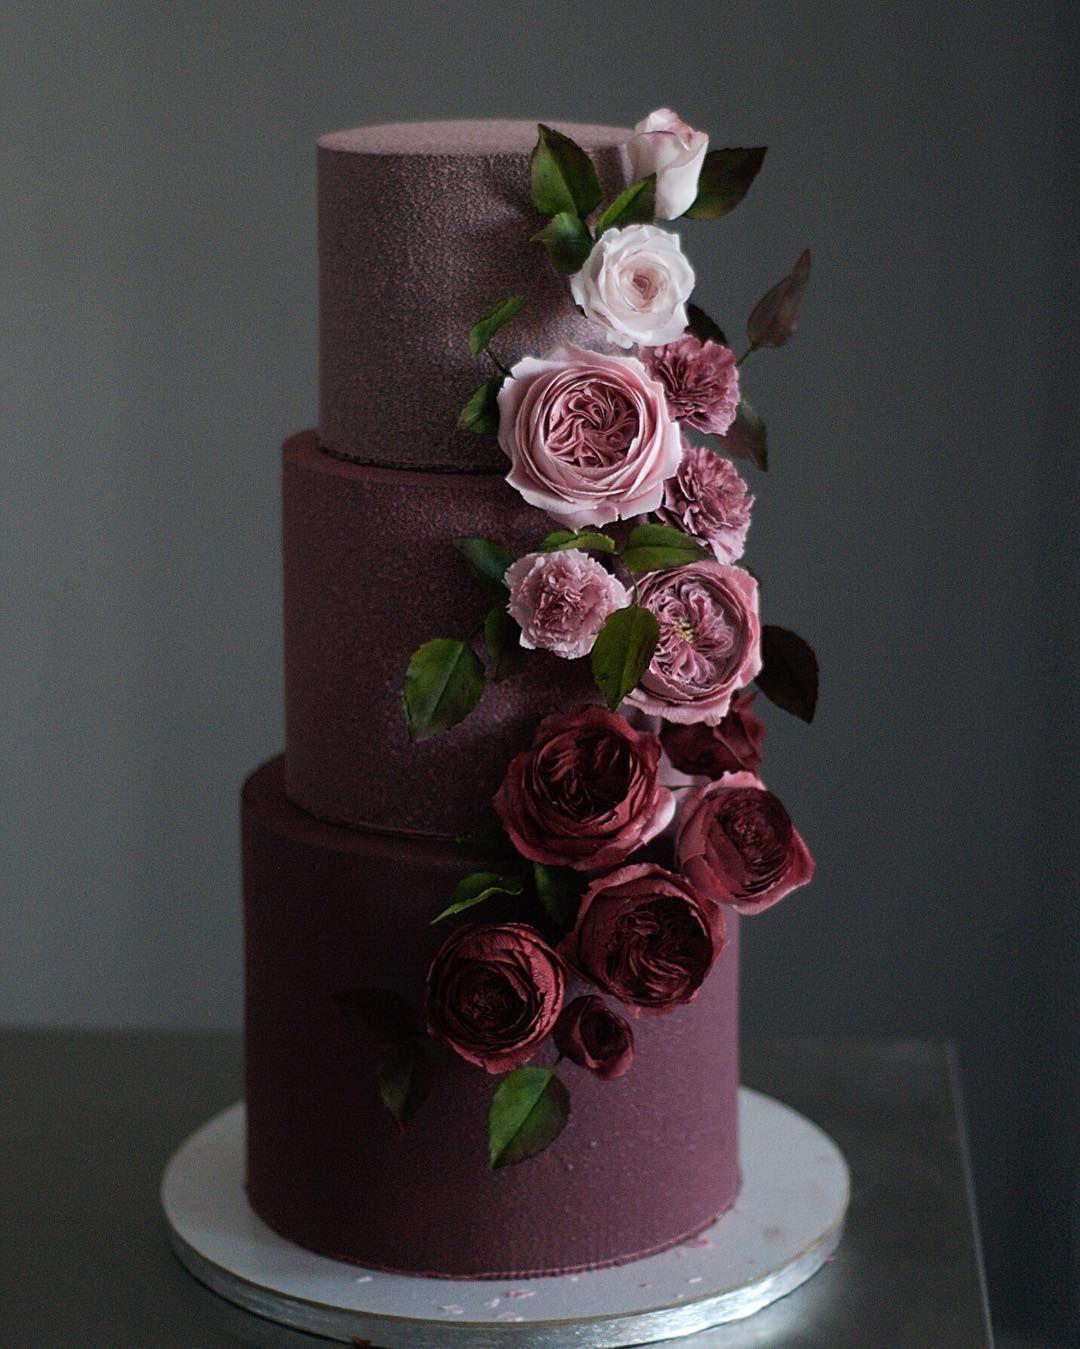 4,091 отметок «Нравится», 59 комментариев — Любовь Ки (@cakeit_nsk) в Instagram: «Для того чтобы увидеть картинку целиком загляните в профиль к организатору сегодняшней свадьбы…»